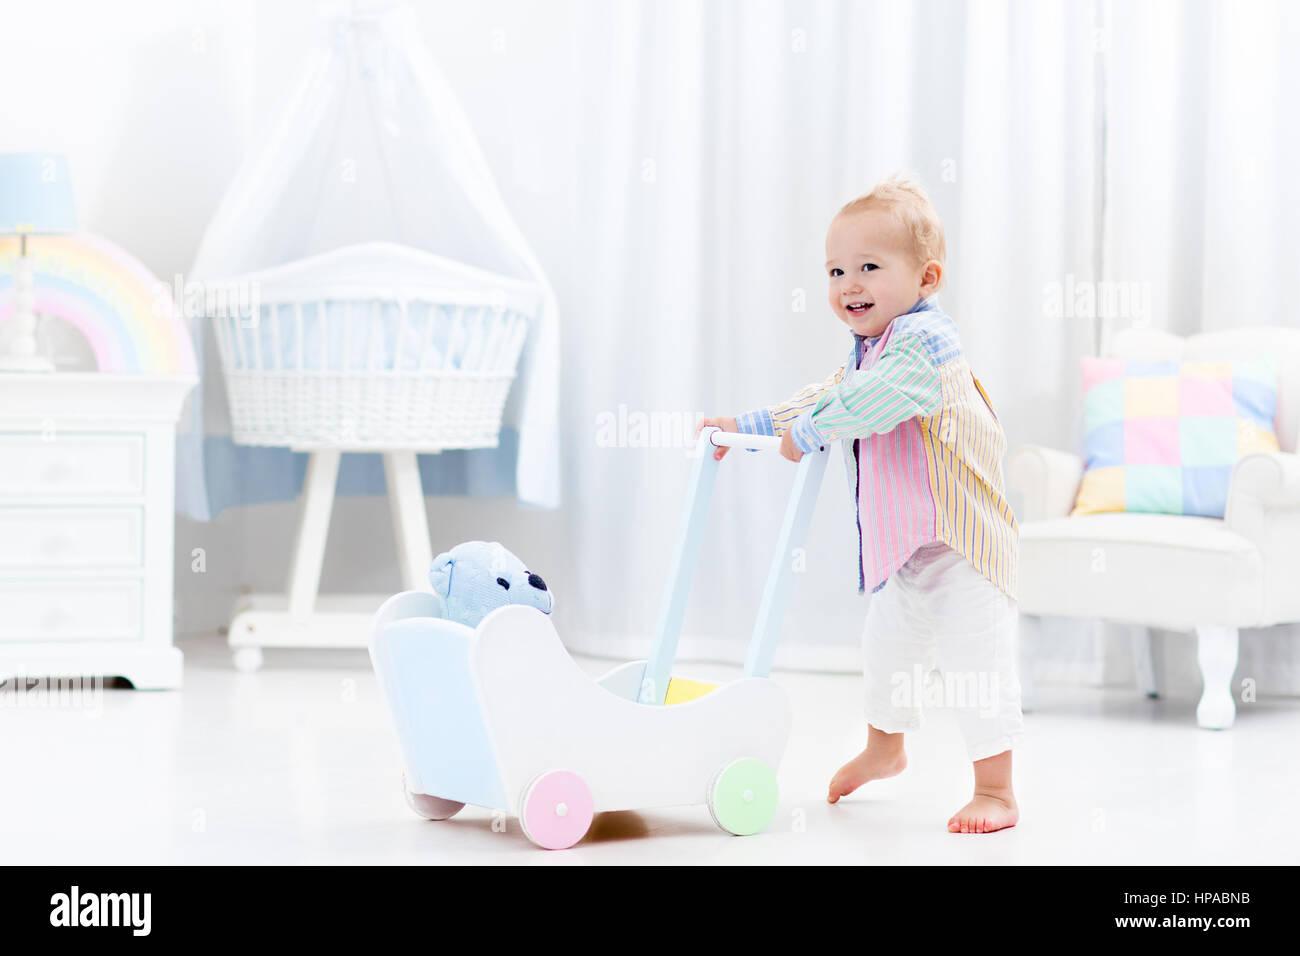 Bambino ad imparare a camminare con spinta in legno walker in camera da letto bianco pastello con colore arcobaleno Immagini Stock